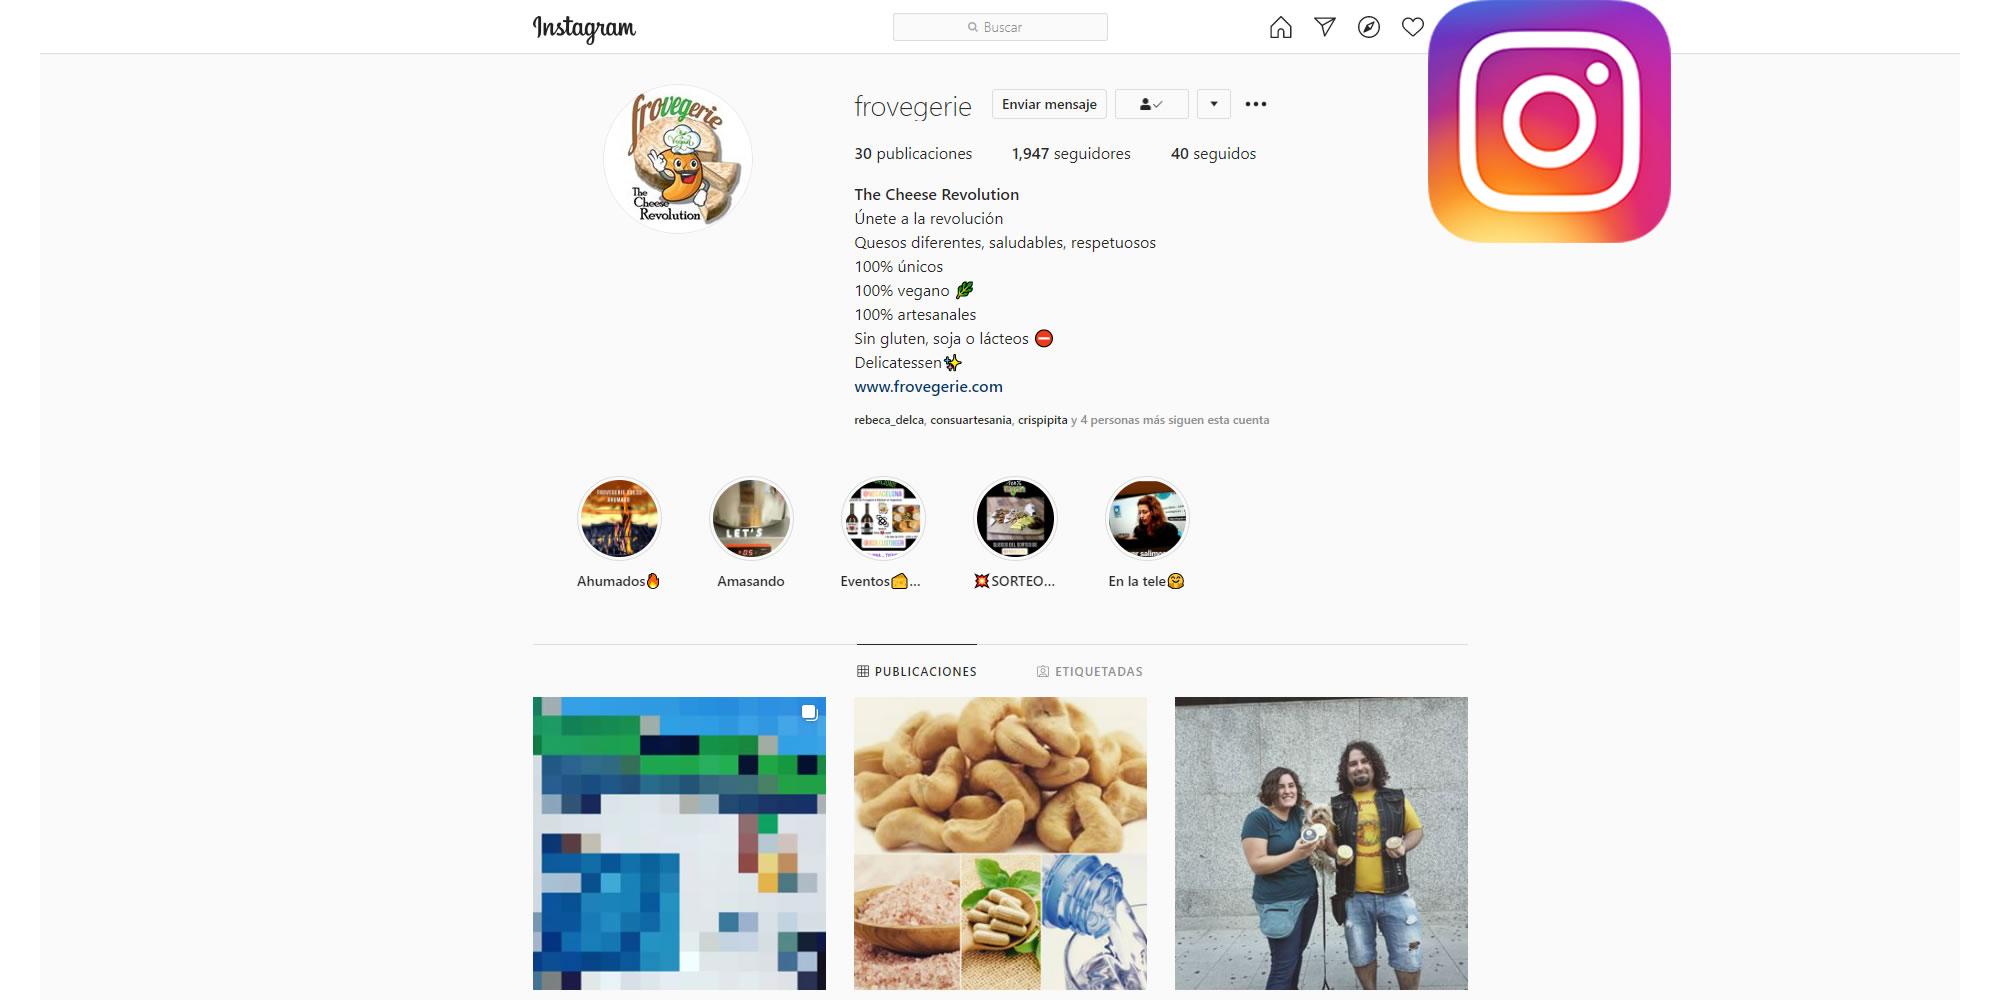 Instagram Frovegerie Cheese Revolution